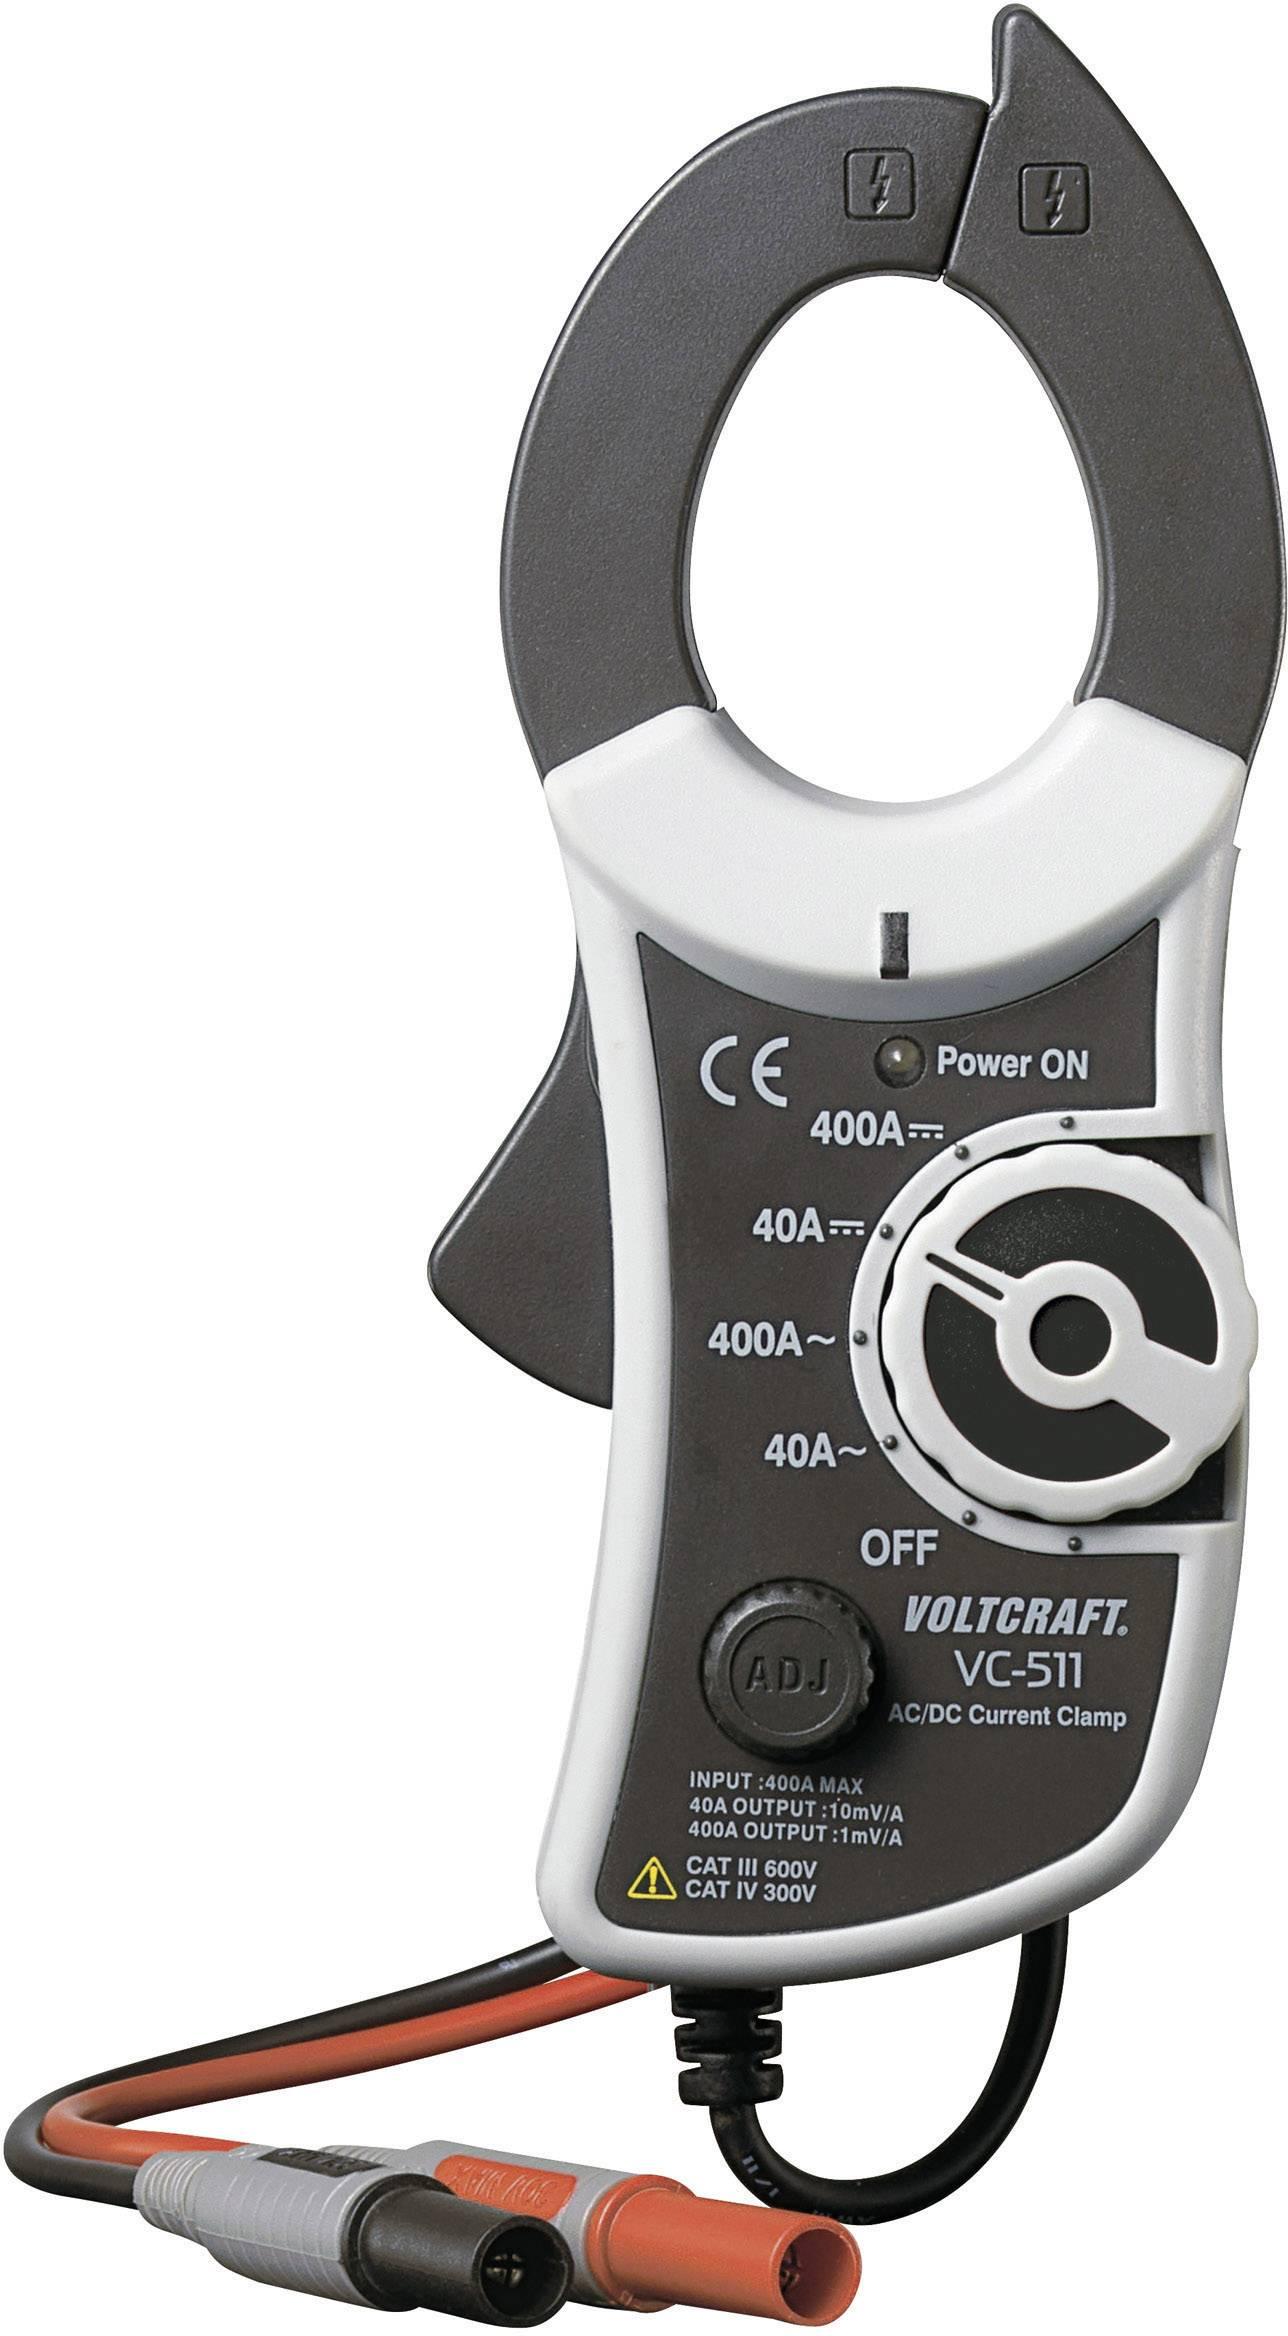 Kliešťový prúdový adaptér Voltcraft VC-511, AC